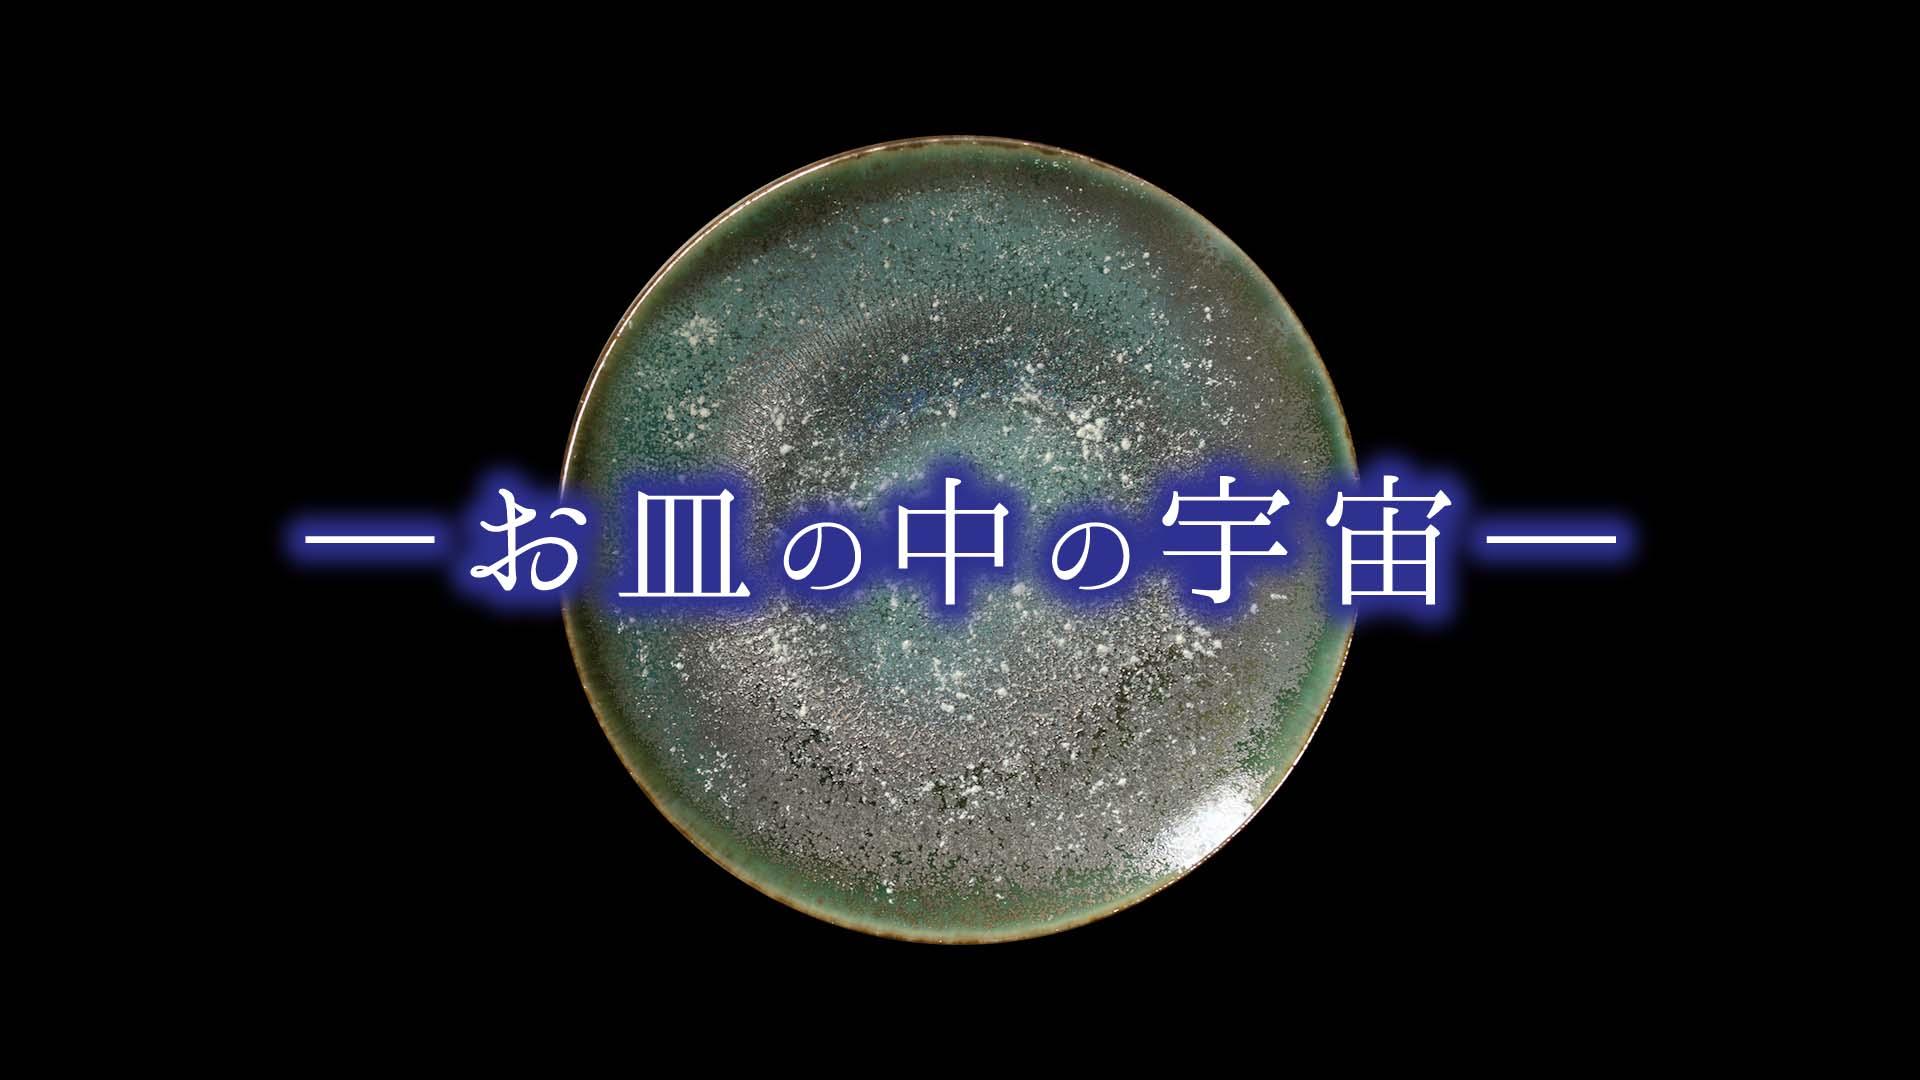 お皿の中の宇宙